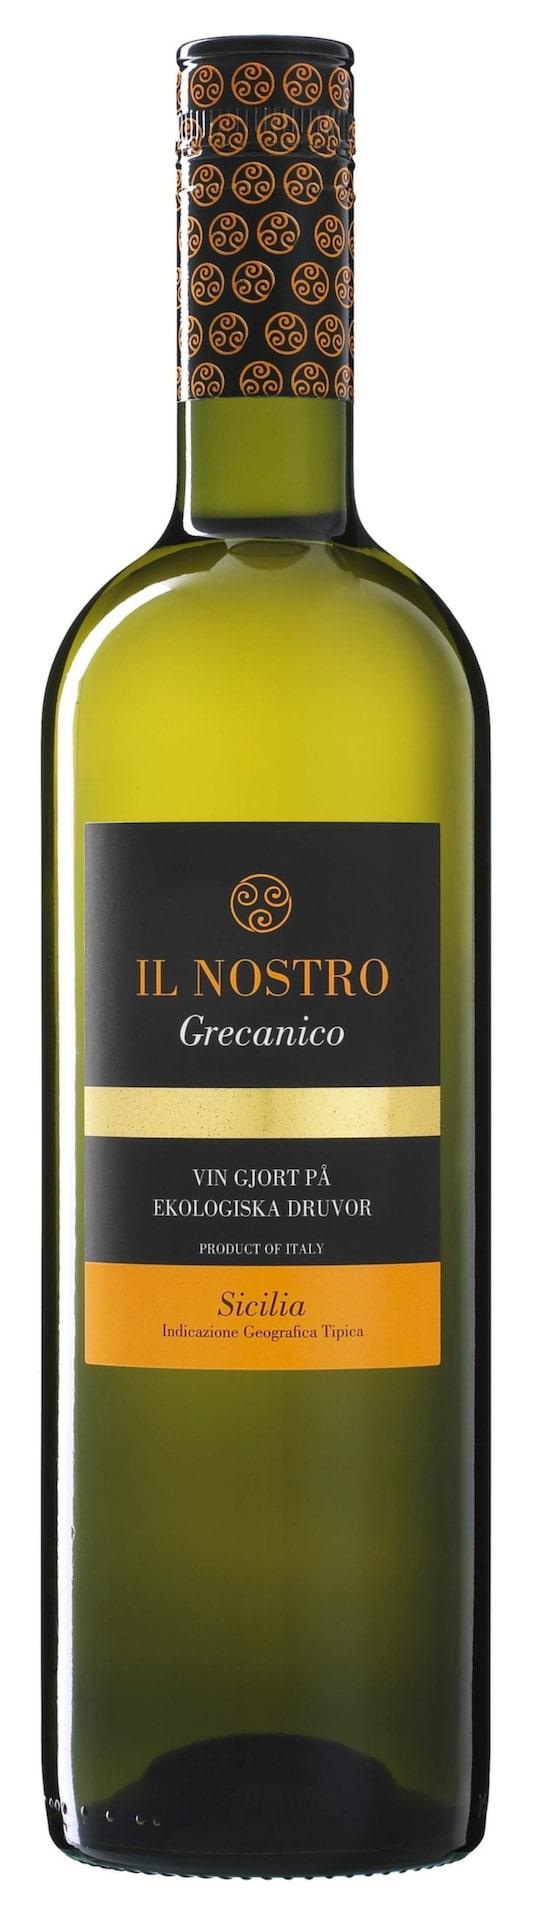 """VittIl Nostro Grecanico 2013(22803) Sicilien, 59 krHär finns stråk av gula frukter och en pigg citruston. Ekologiskt.Passa bra till en """"tonno"""", pizza med tonfisk, oliver och gul lök."""